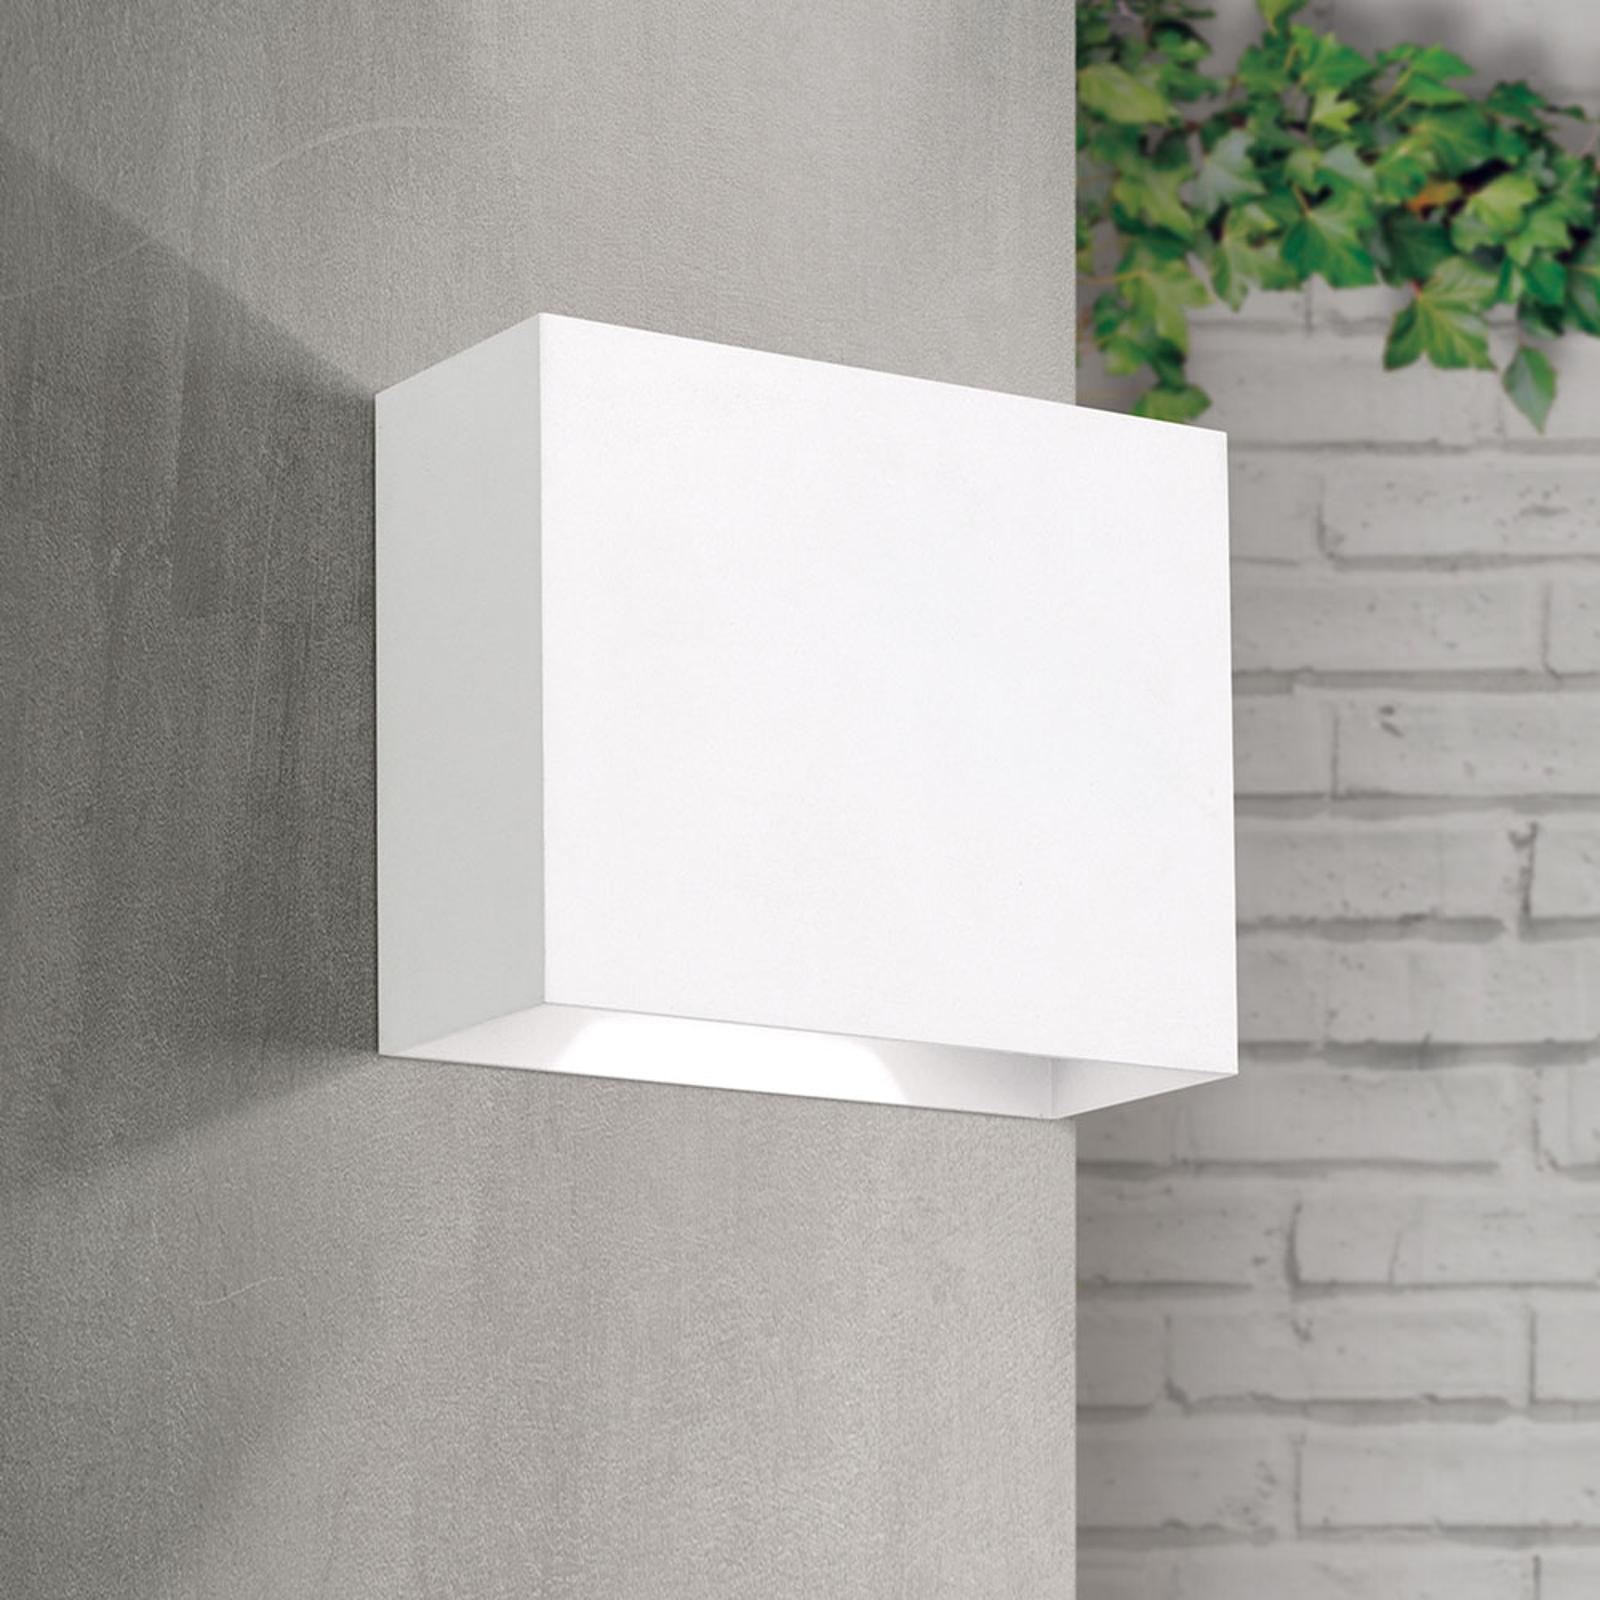 Applique d'extérieur LED Accent, blanche